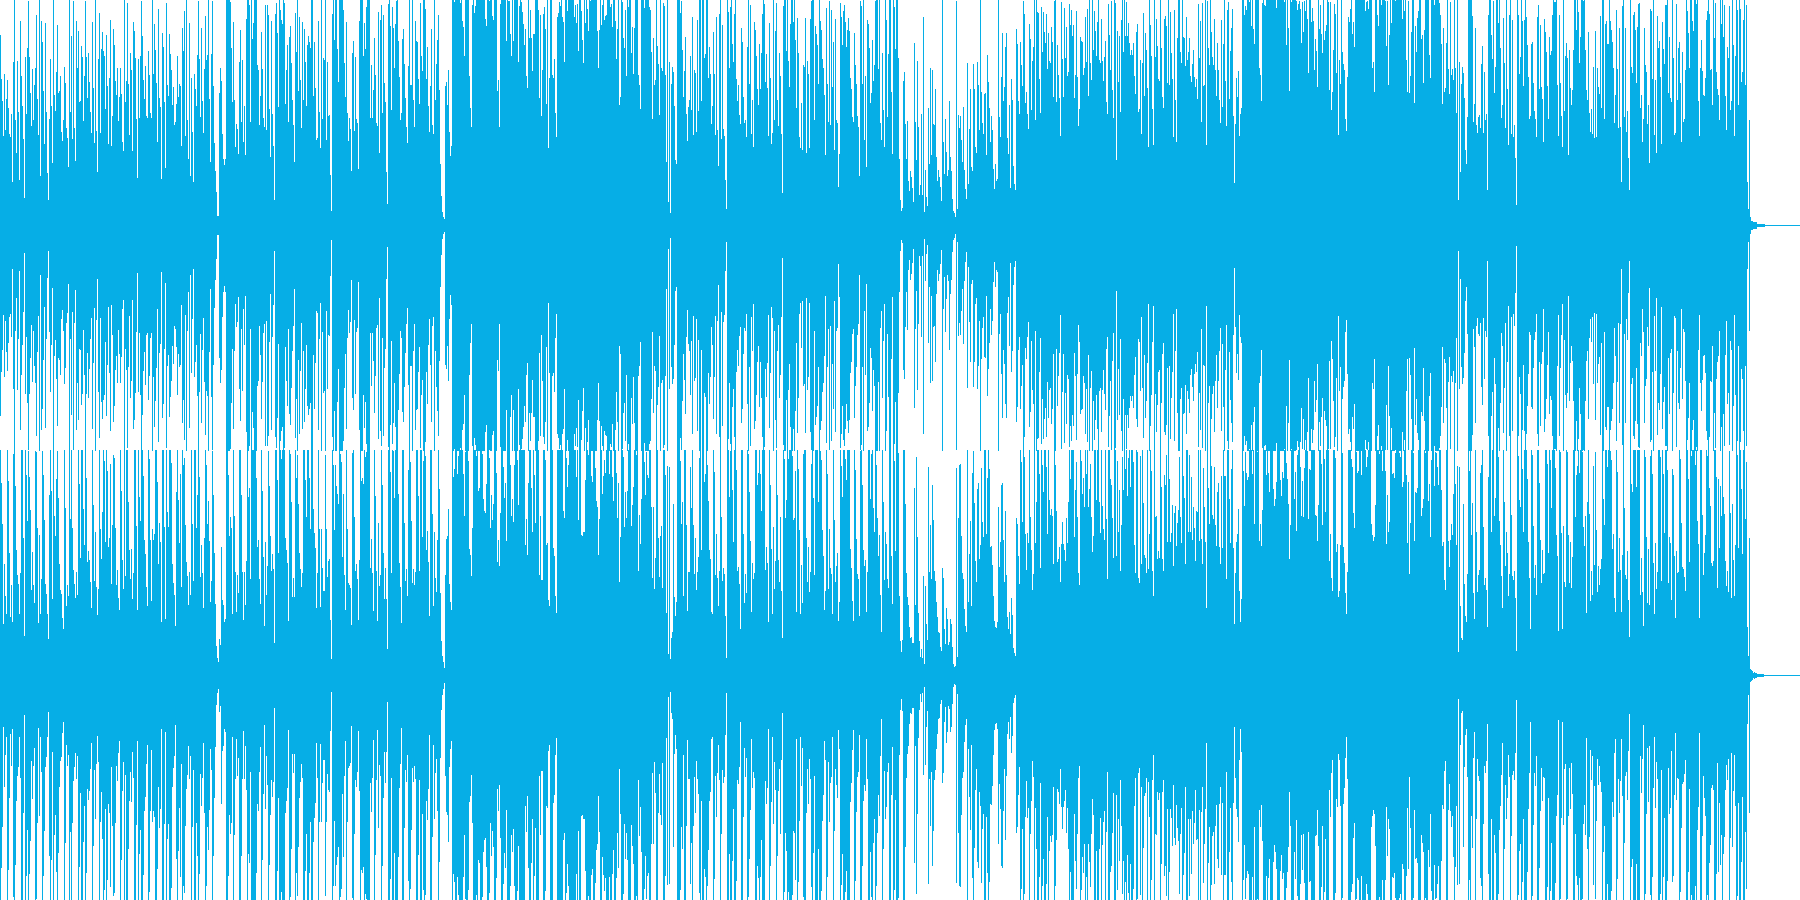 ピアノとエレキとほのぼのとした笛の音の再生済みの波形